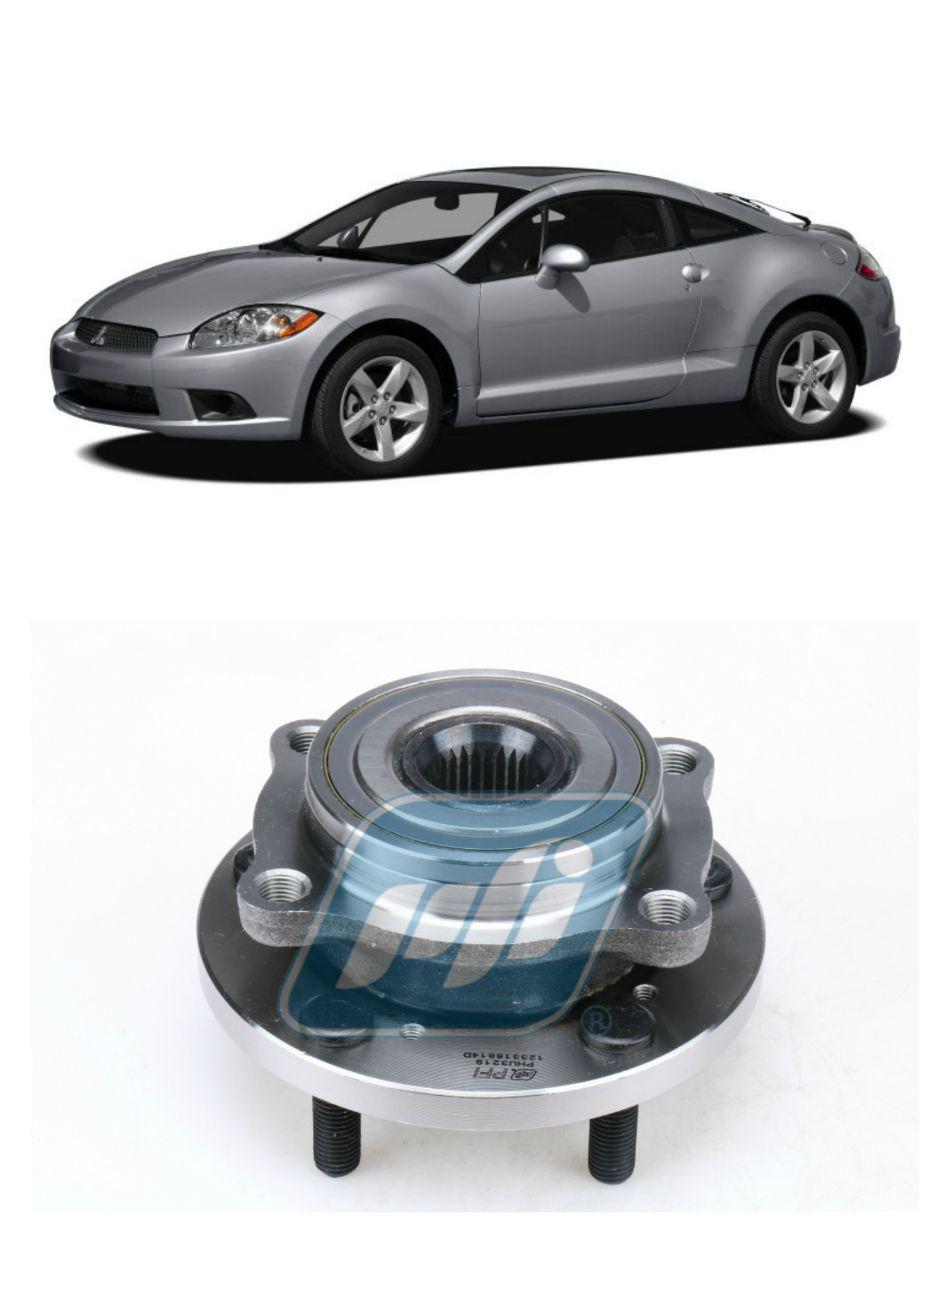 Cubo de Roda Dianteira MITSUBISHI Eclipse 2006-2012, com ABS